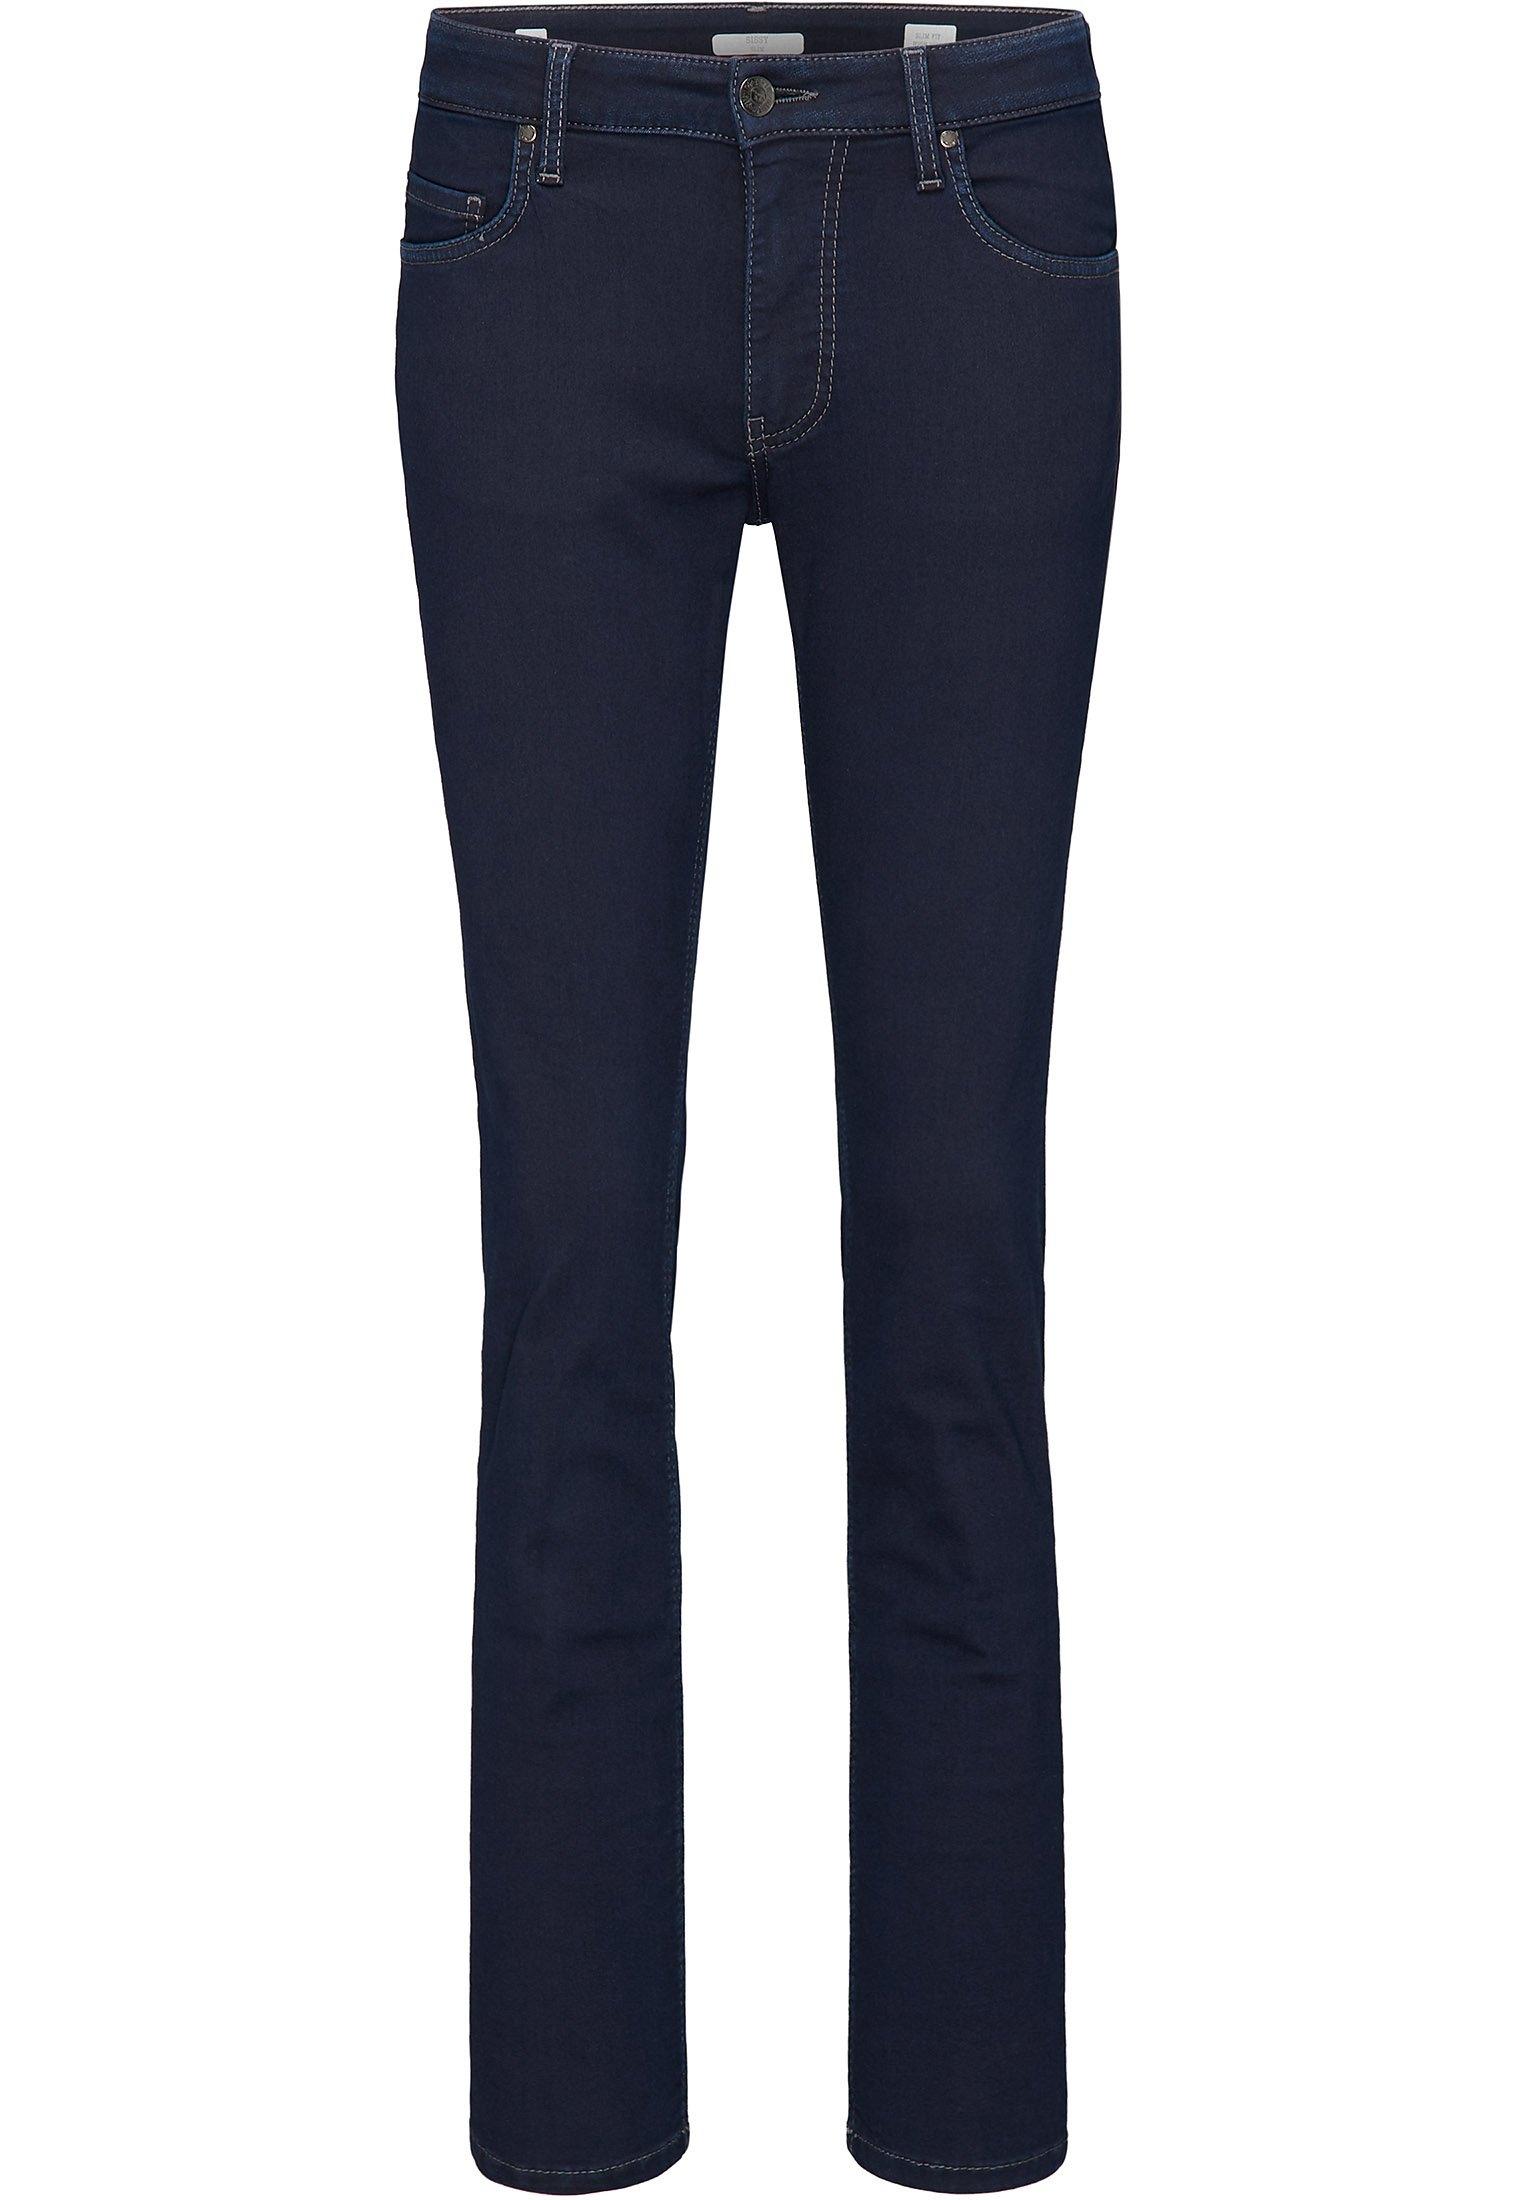 MUSTANG jeans »Sissy Slim S&P« voordelig en veilig online kopen